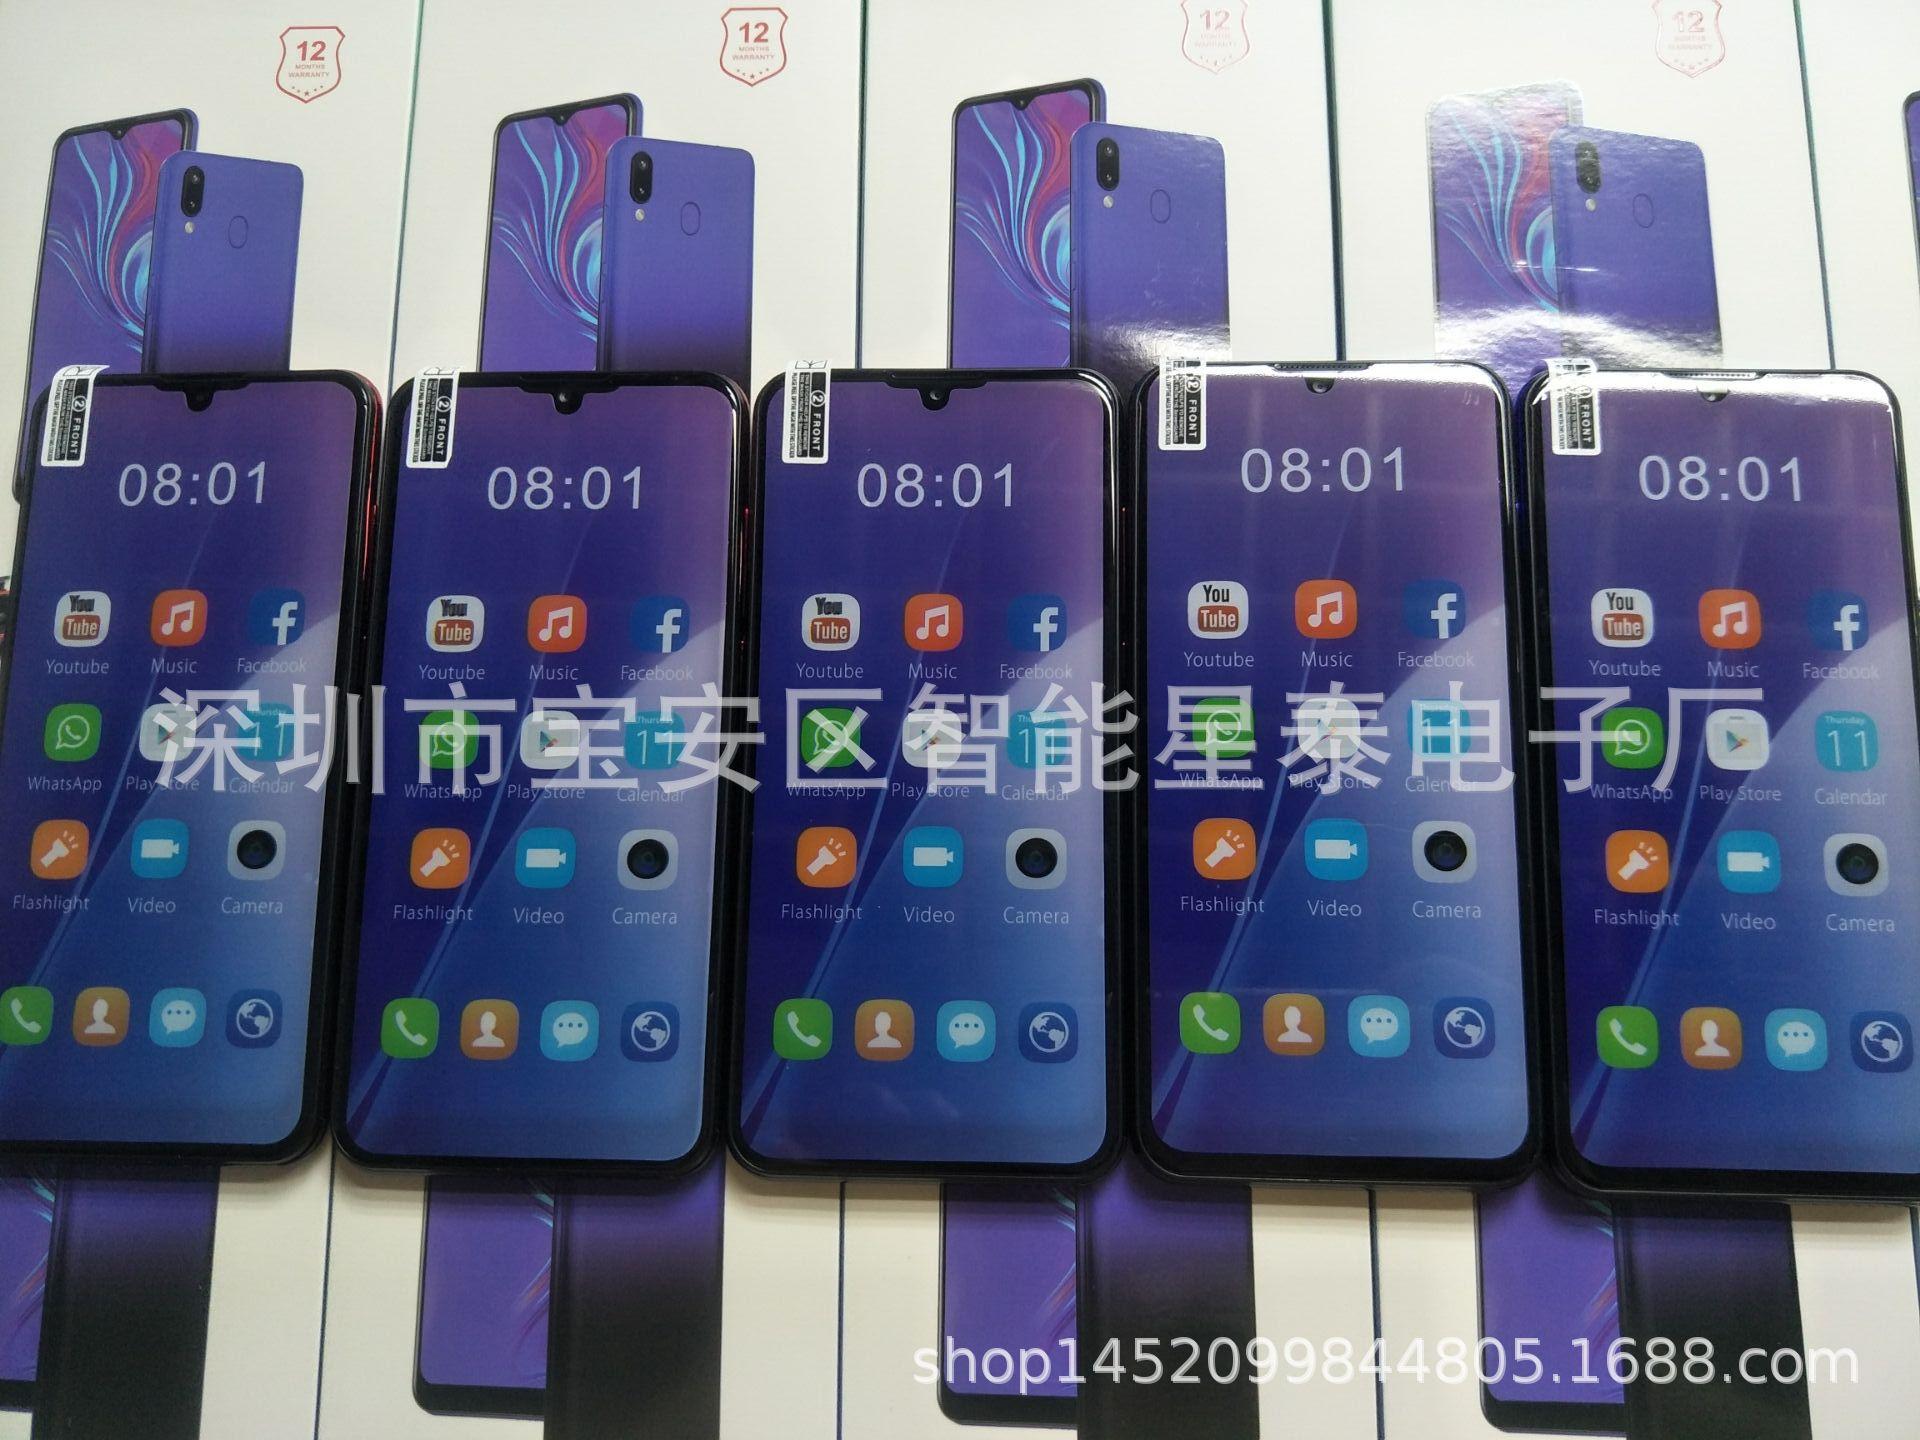 跨境新款M20 6.3寸水滴屏手机指纹一体机智能手机现货低价手机